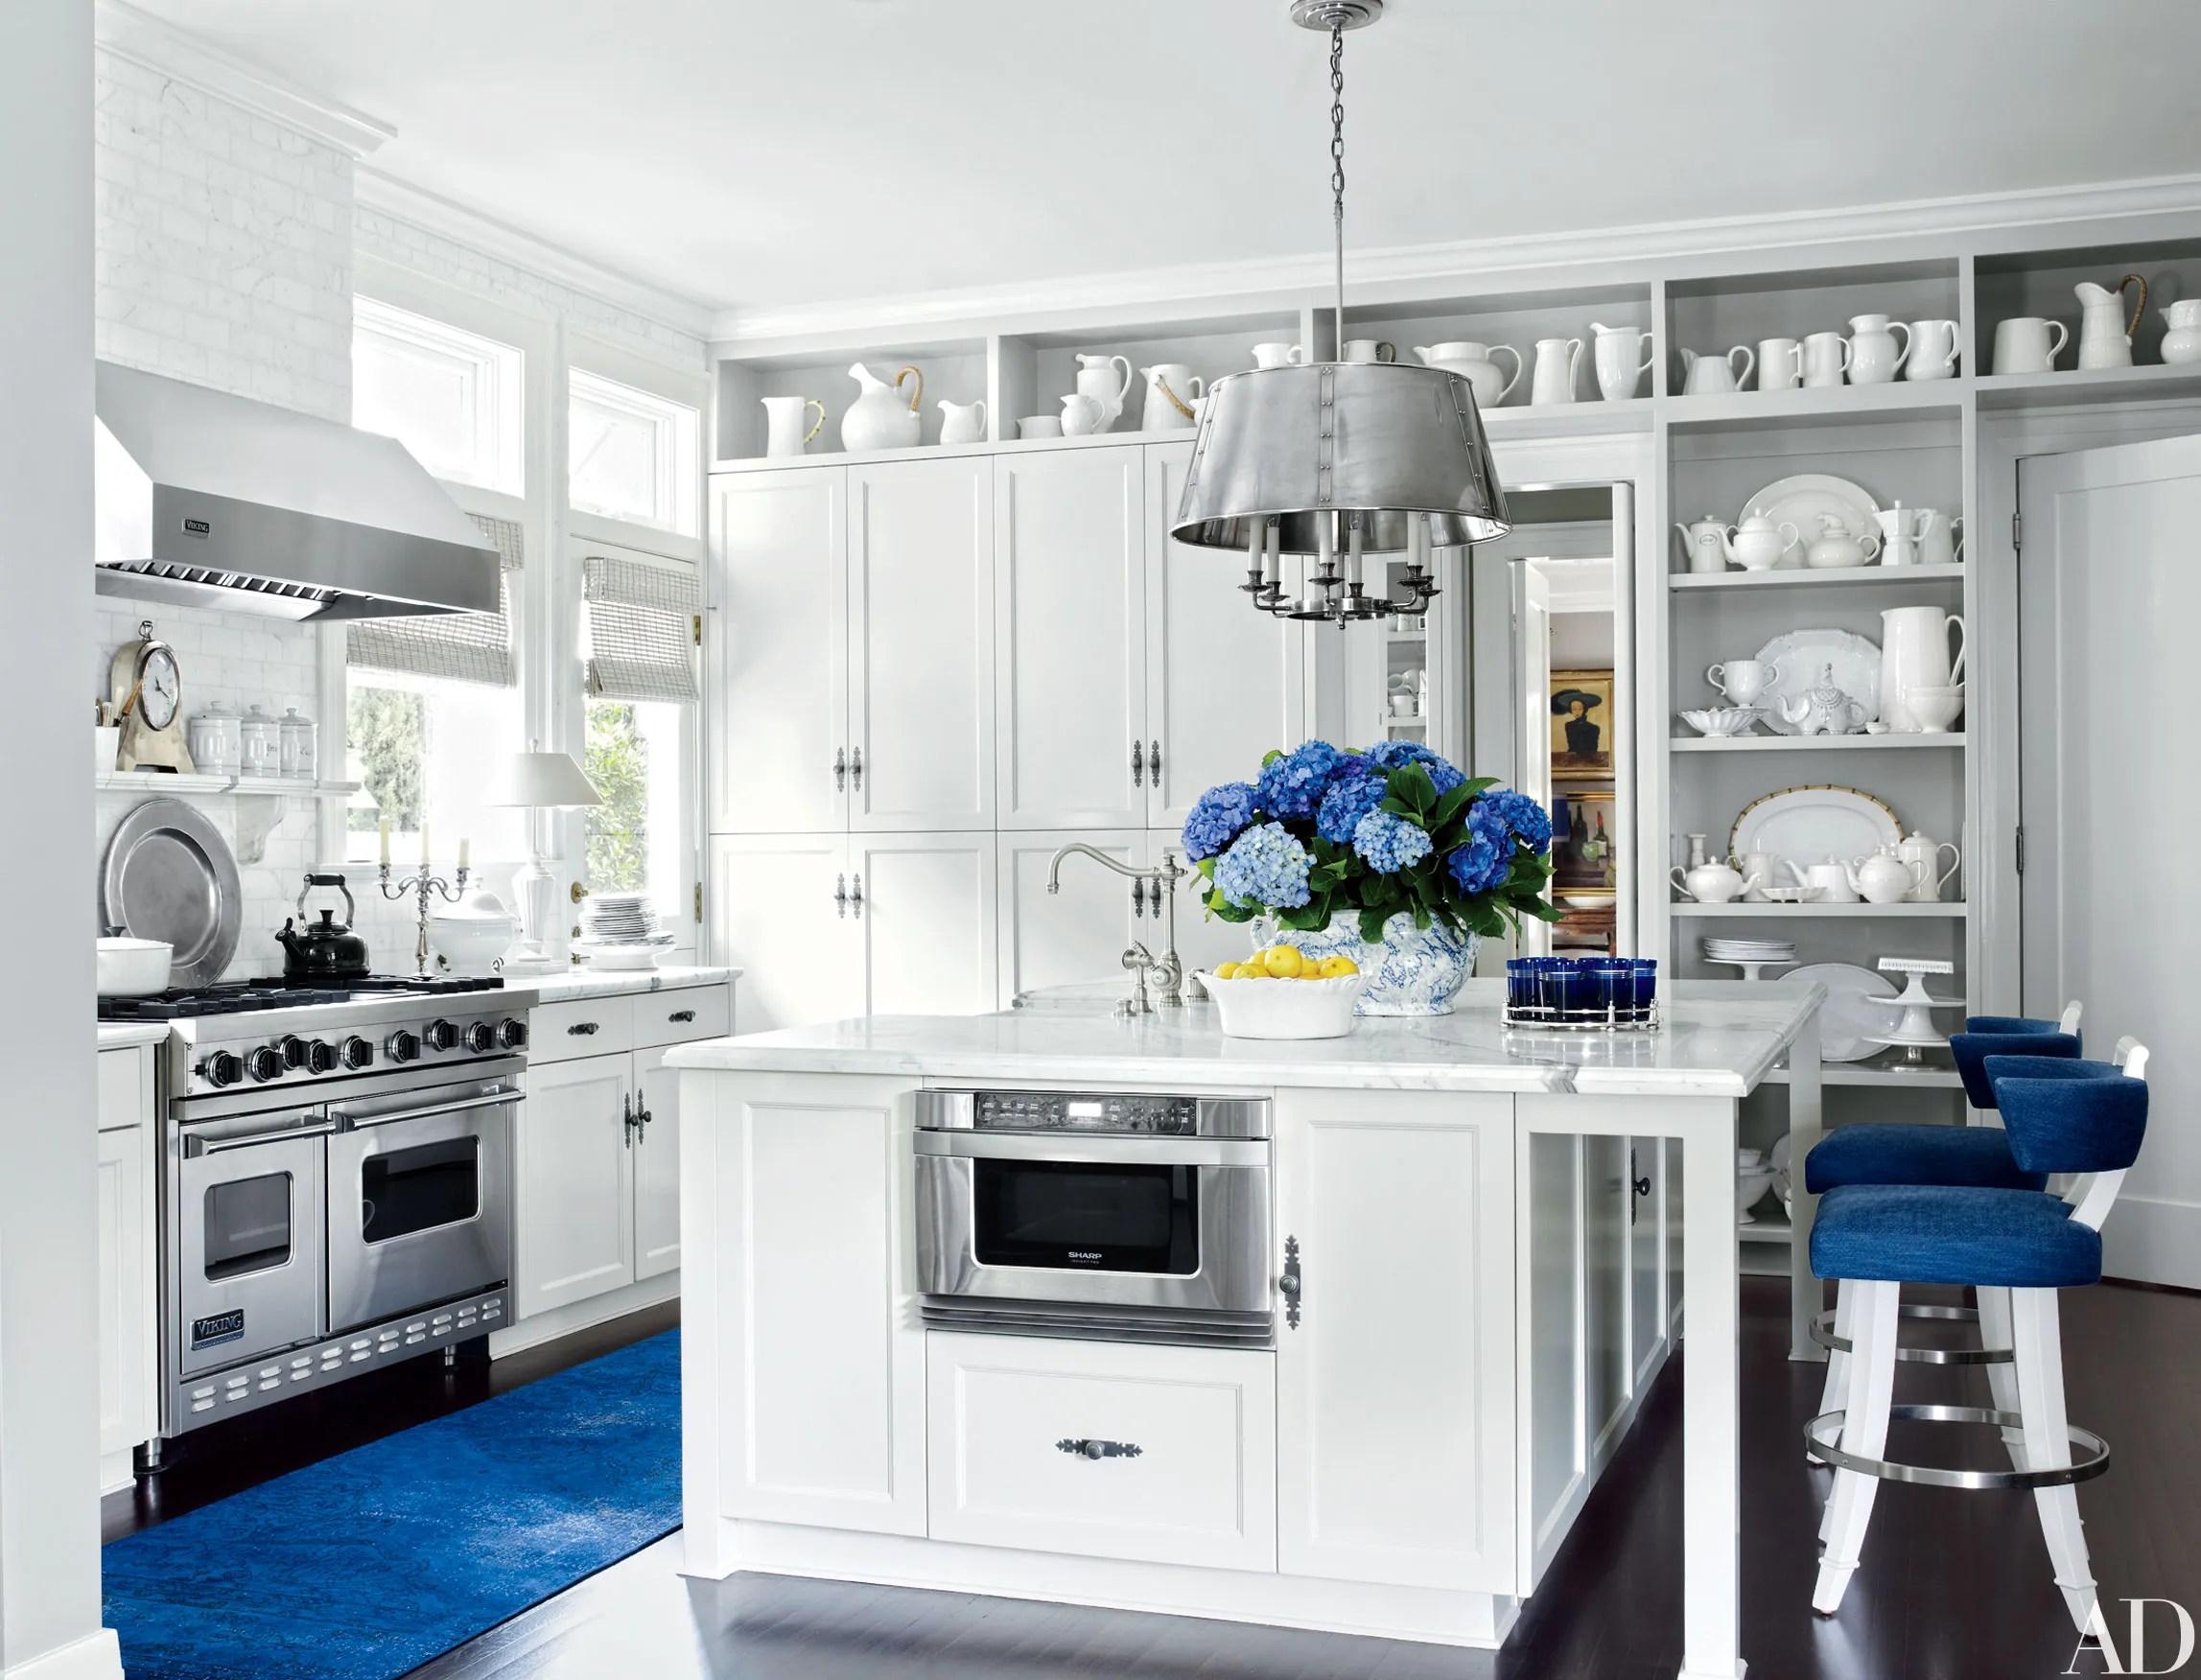 Kitchen Decor Blue And White